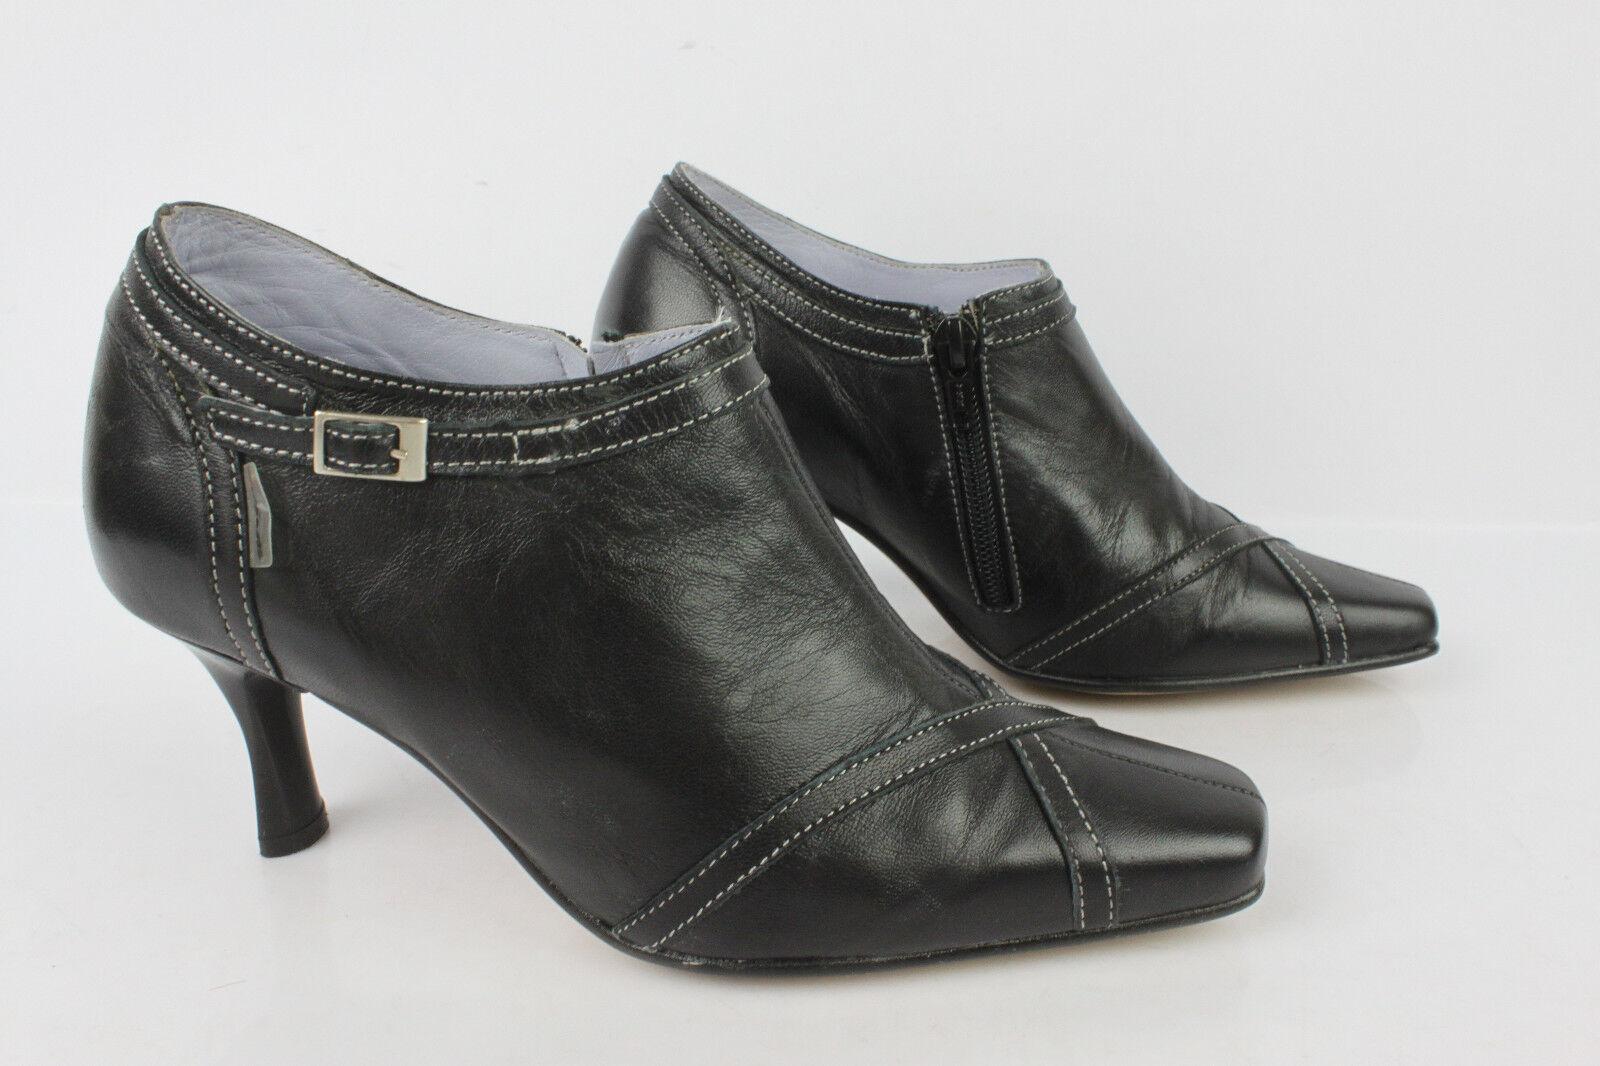 botas botas botas IRRELLE cuero Negro Forrado cuero Malva T 37   36 MUY BUEN ESTADO  venta caliente